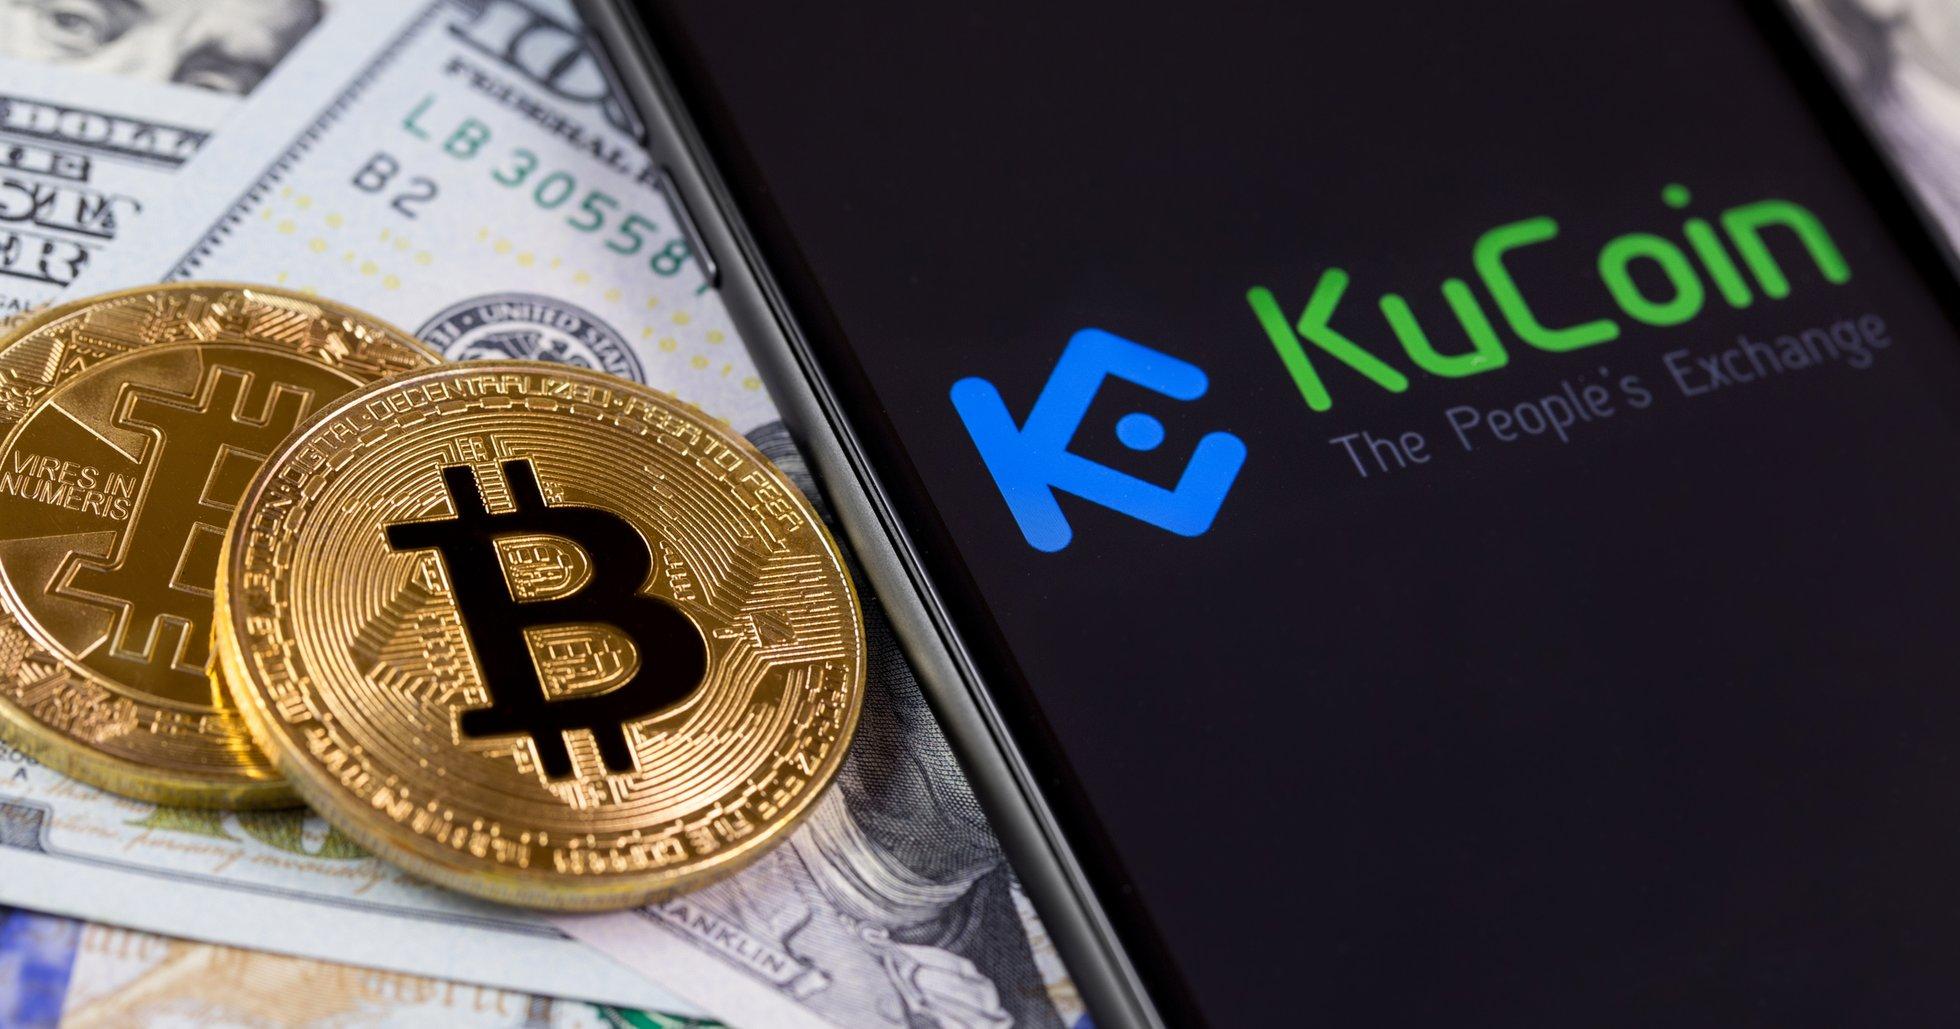 Kryptobörsen Kucoin hackad på 1,4 miljarder – lovar att ersätta användarna.